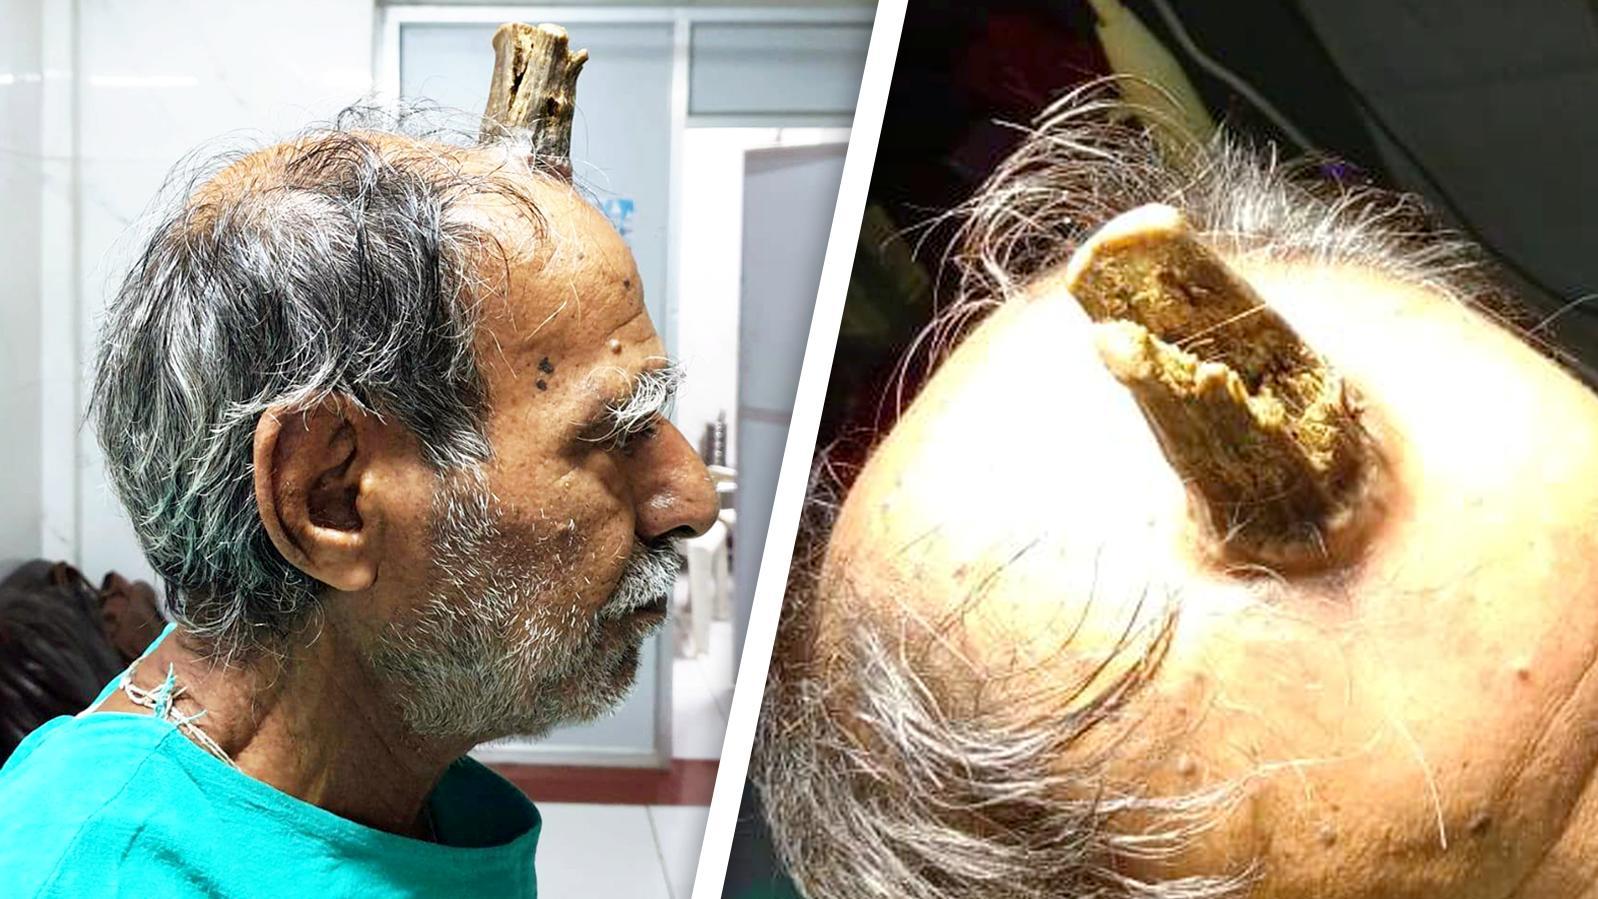 Das Horn auf dem Kopf des Mannes war etwa zehn Zentimeter lang.